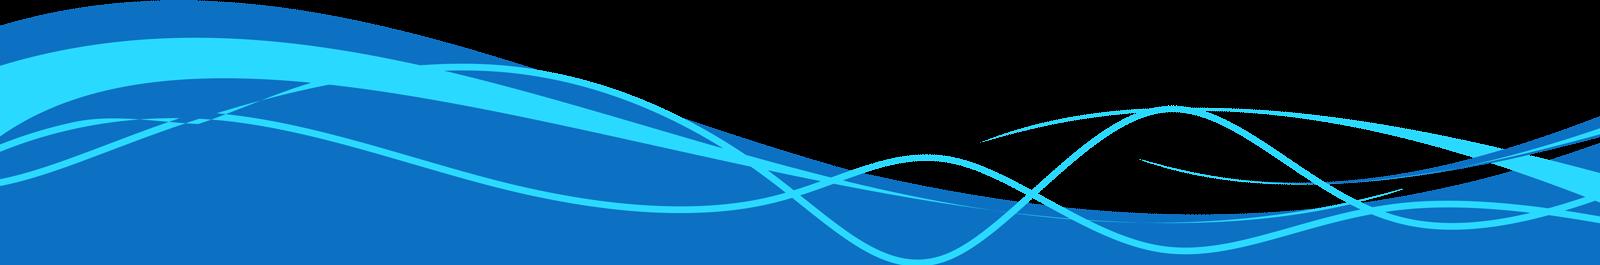 1600x265 Background Vector Waves 2 Aqua Dynamics Pools